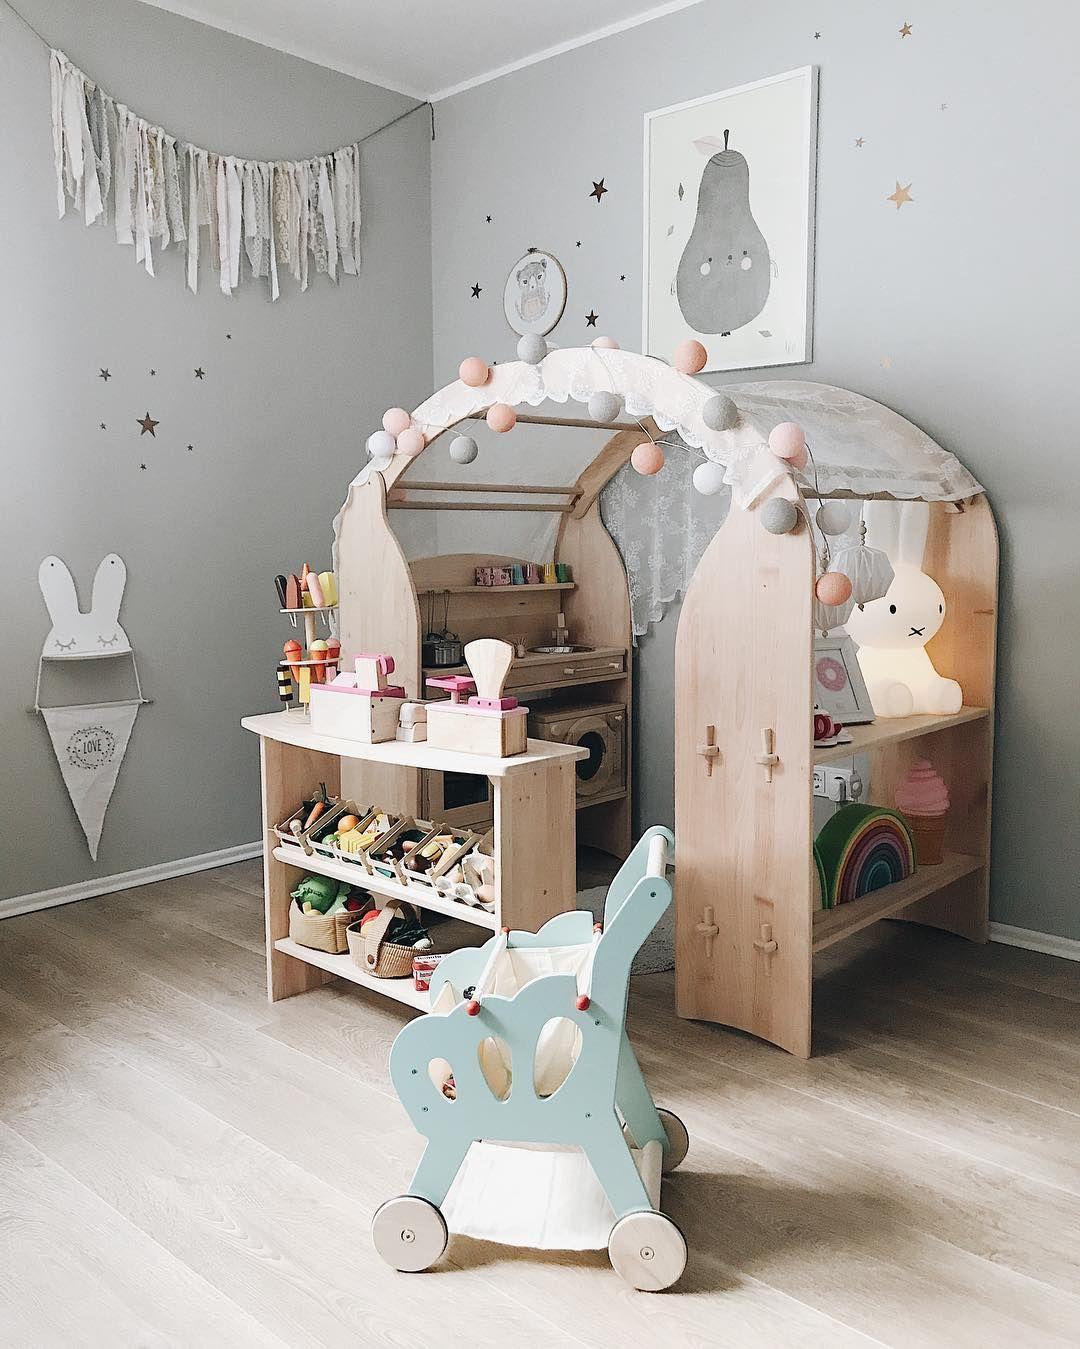 Pin von Lara Michel auf Räume für Kinder in 2020 (mit